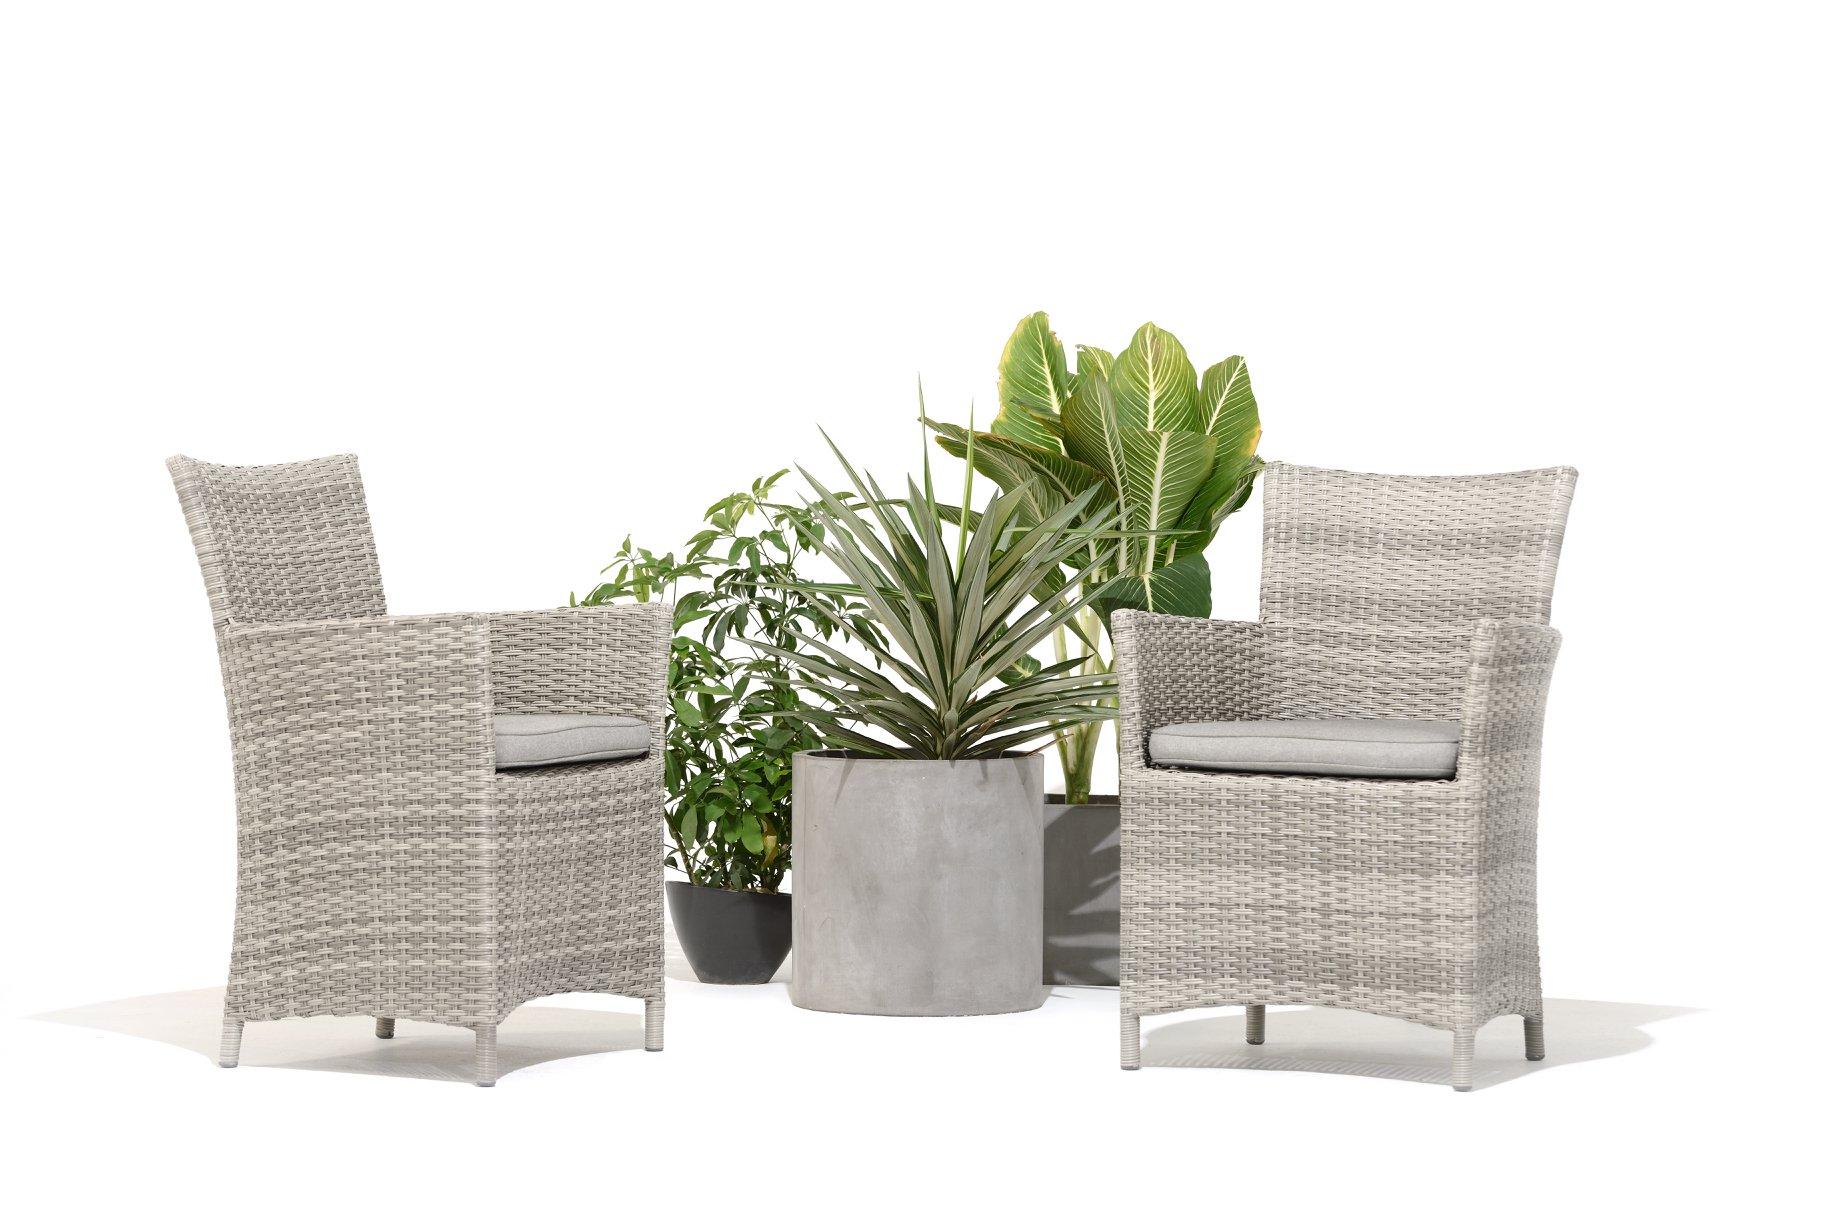 Viste tu terraza con plantas y flores